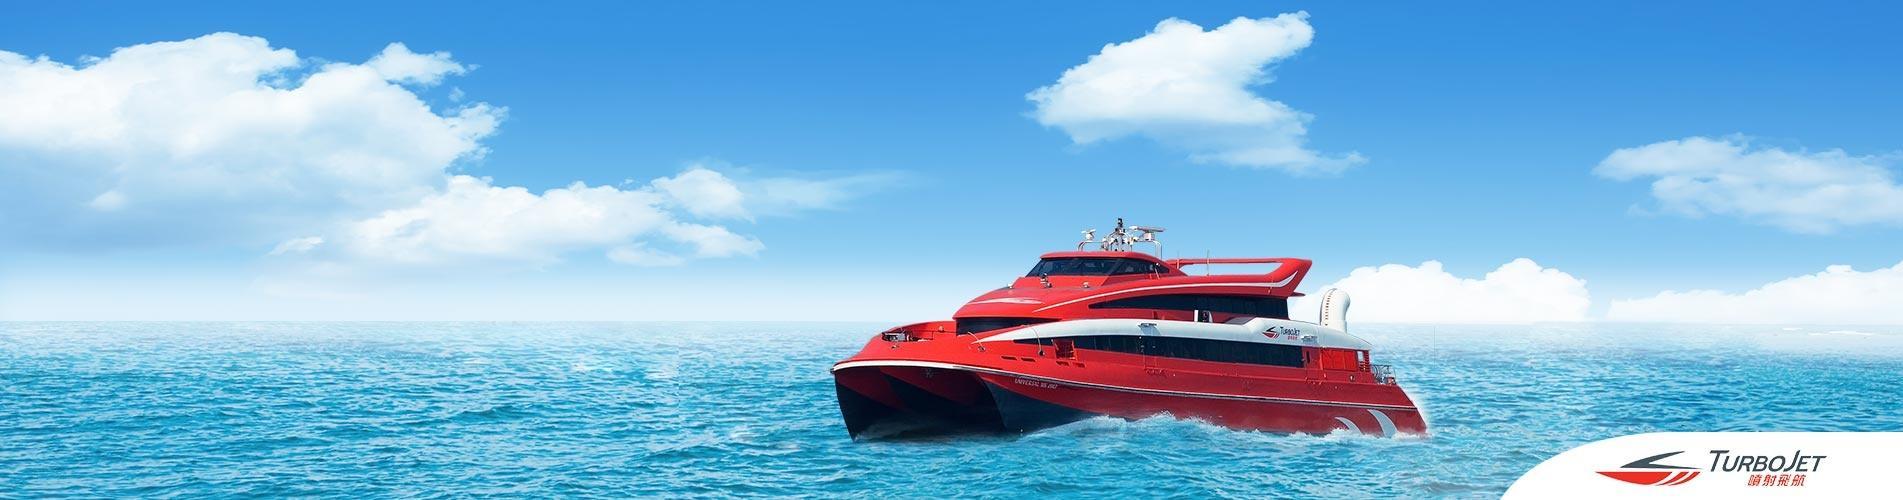 噴射飛航船票 - 屯門->珠海